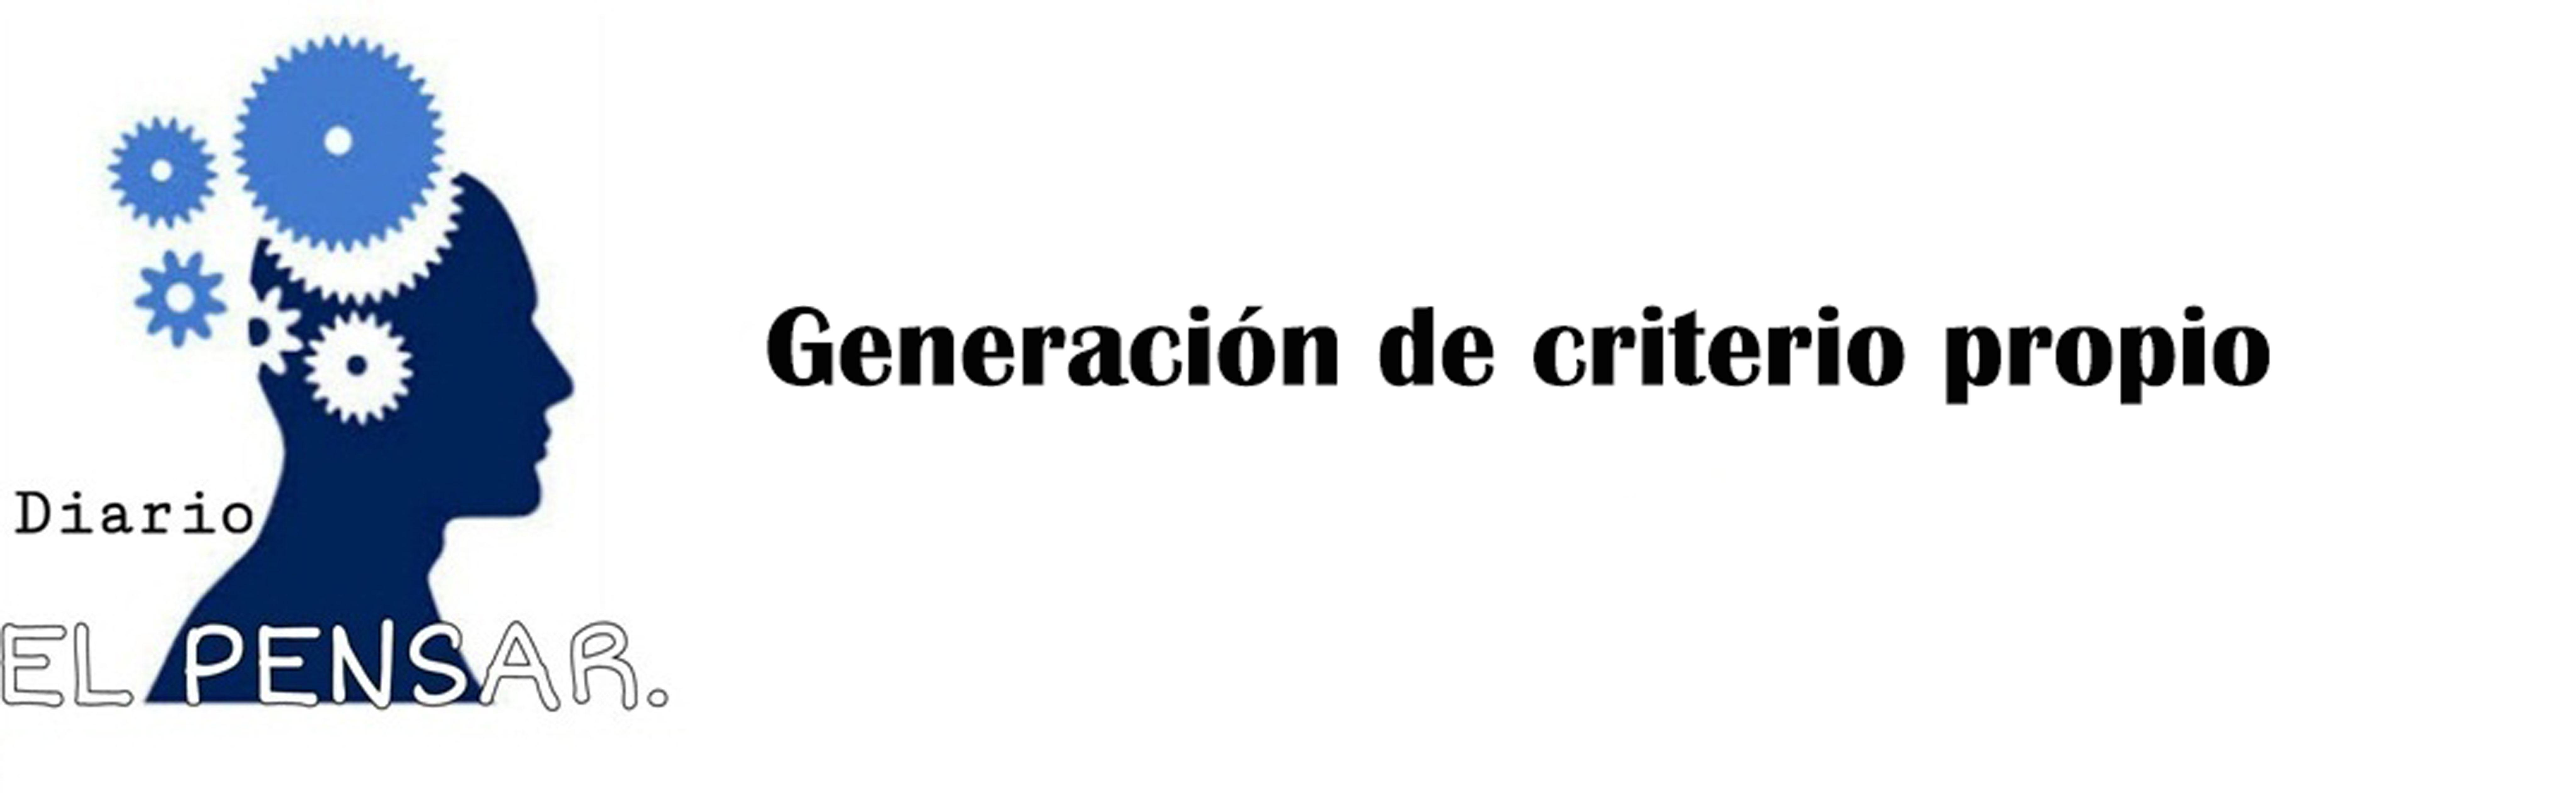 Diario El Pensar